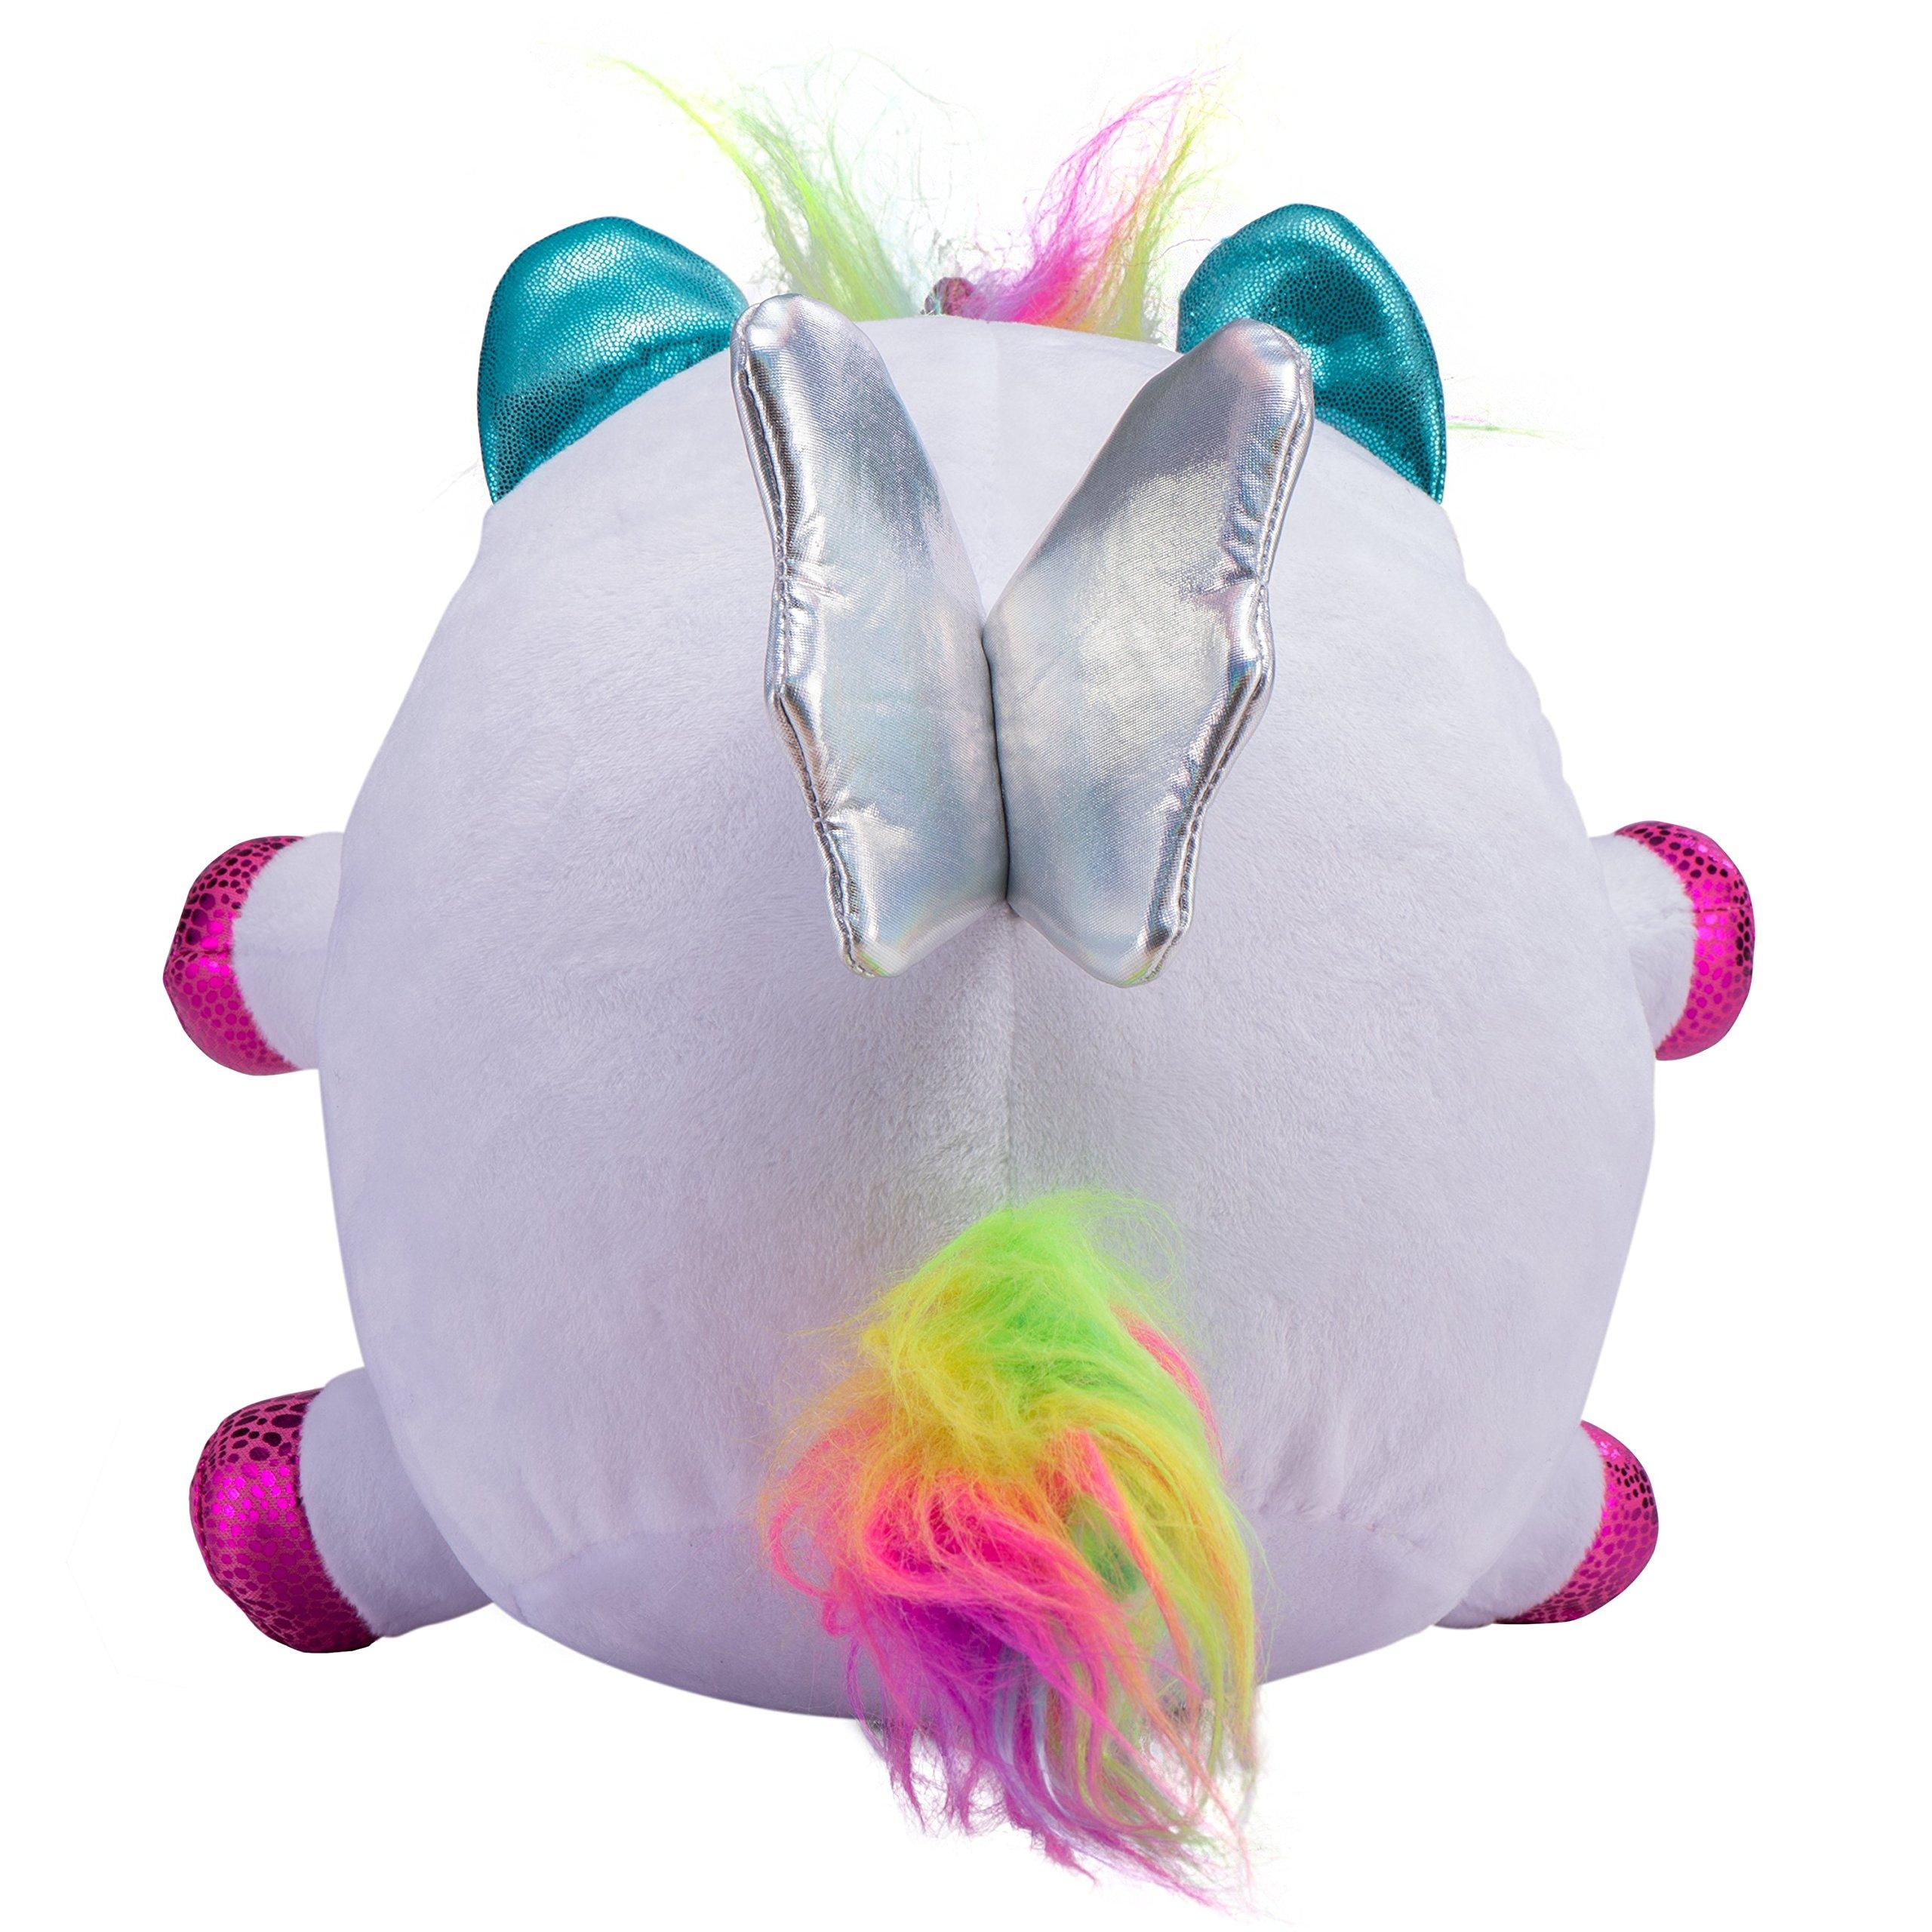 Rainbocorns Unicorn Plush Toy, White by Rainbocorns (Image #3)